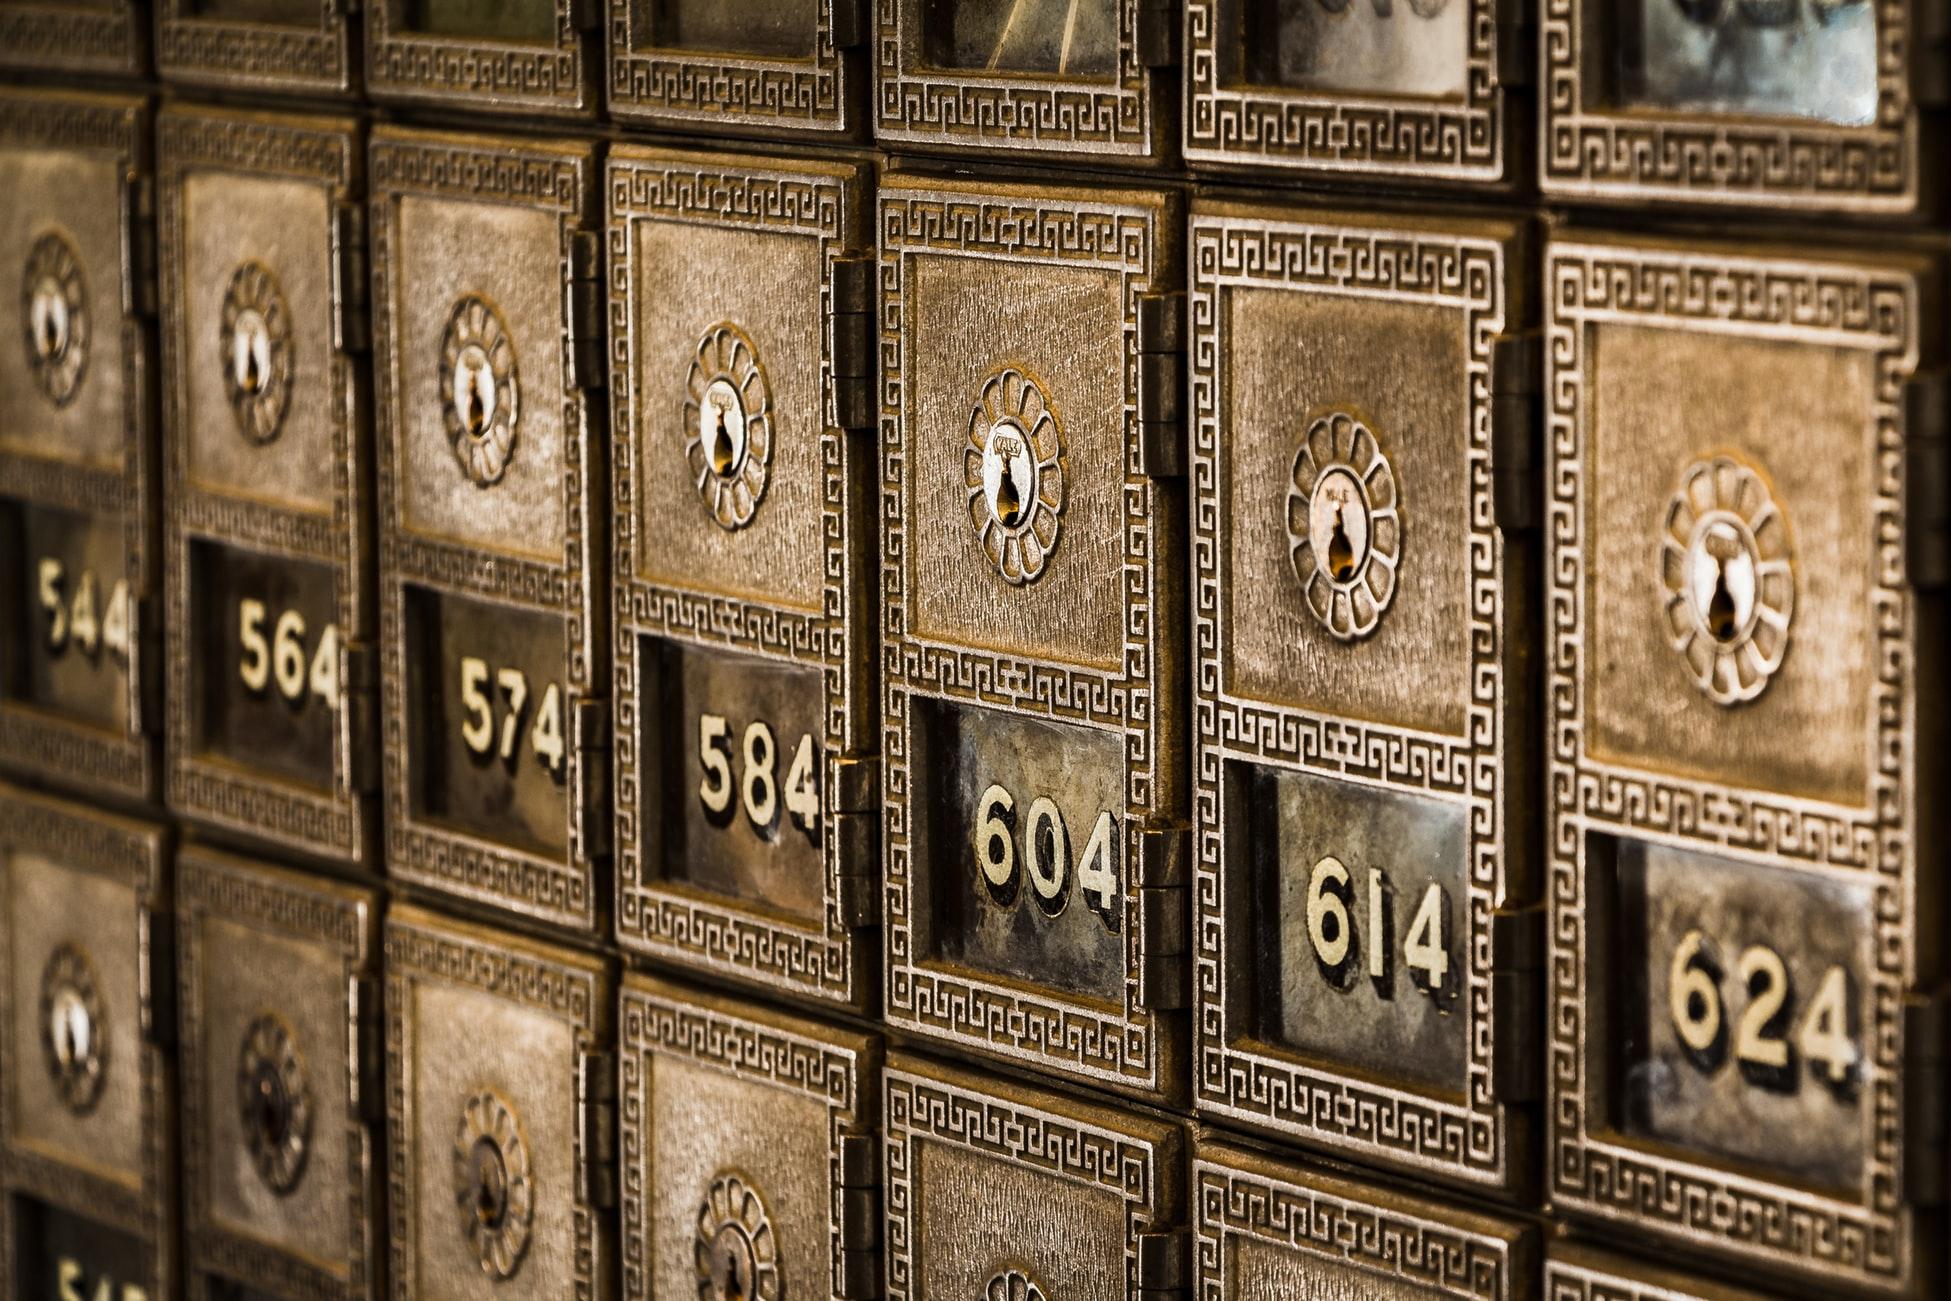 借金,家族,借入,バレない,バレたくない,ばれない,ばれたくない,身内,家庭,借金,ローン,貸金庫,金庫,絶対,絶対バレたくない,書類,申込書,キャッシュカード,通帳